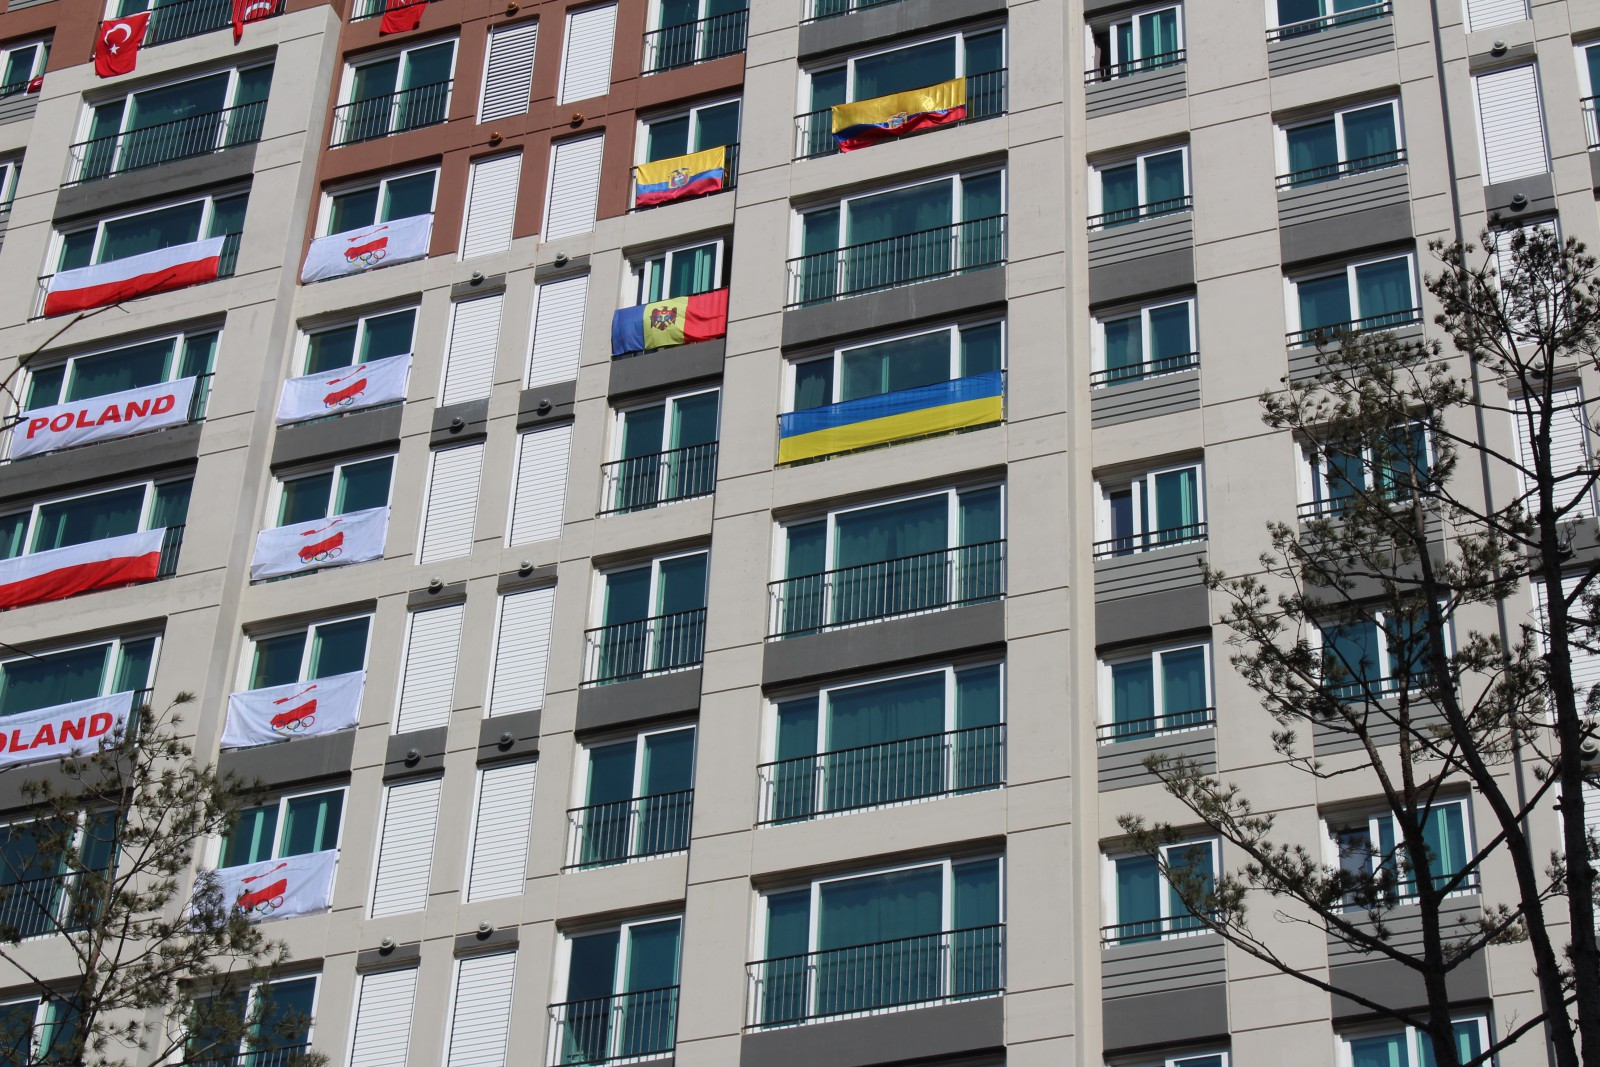 (foto) Sportivii moldoveni au ajuns în Satul Olimpic, în PyeongChang: A fost deja arborat drapelul Republicii Moldova